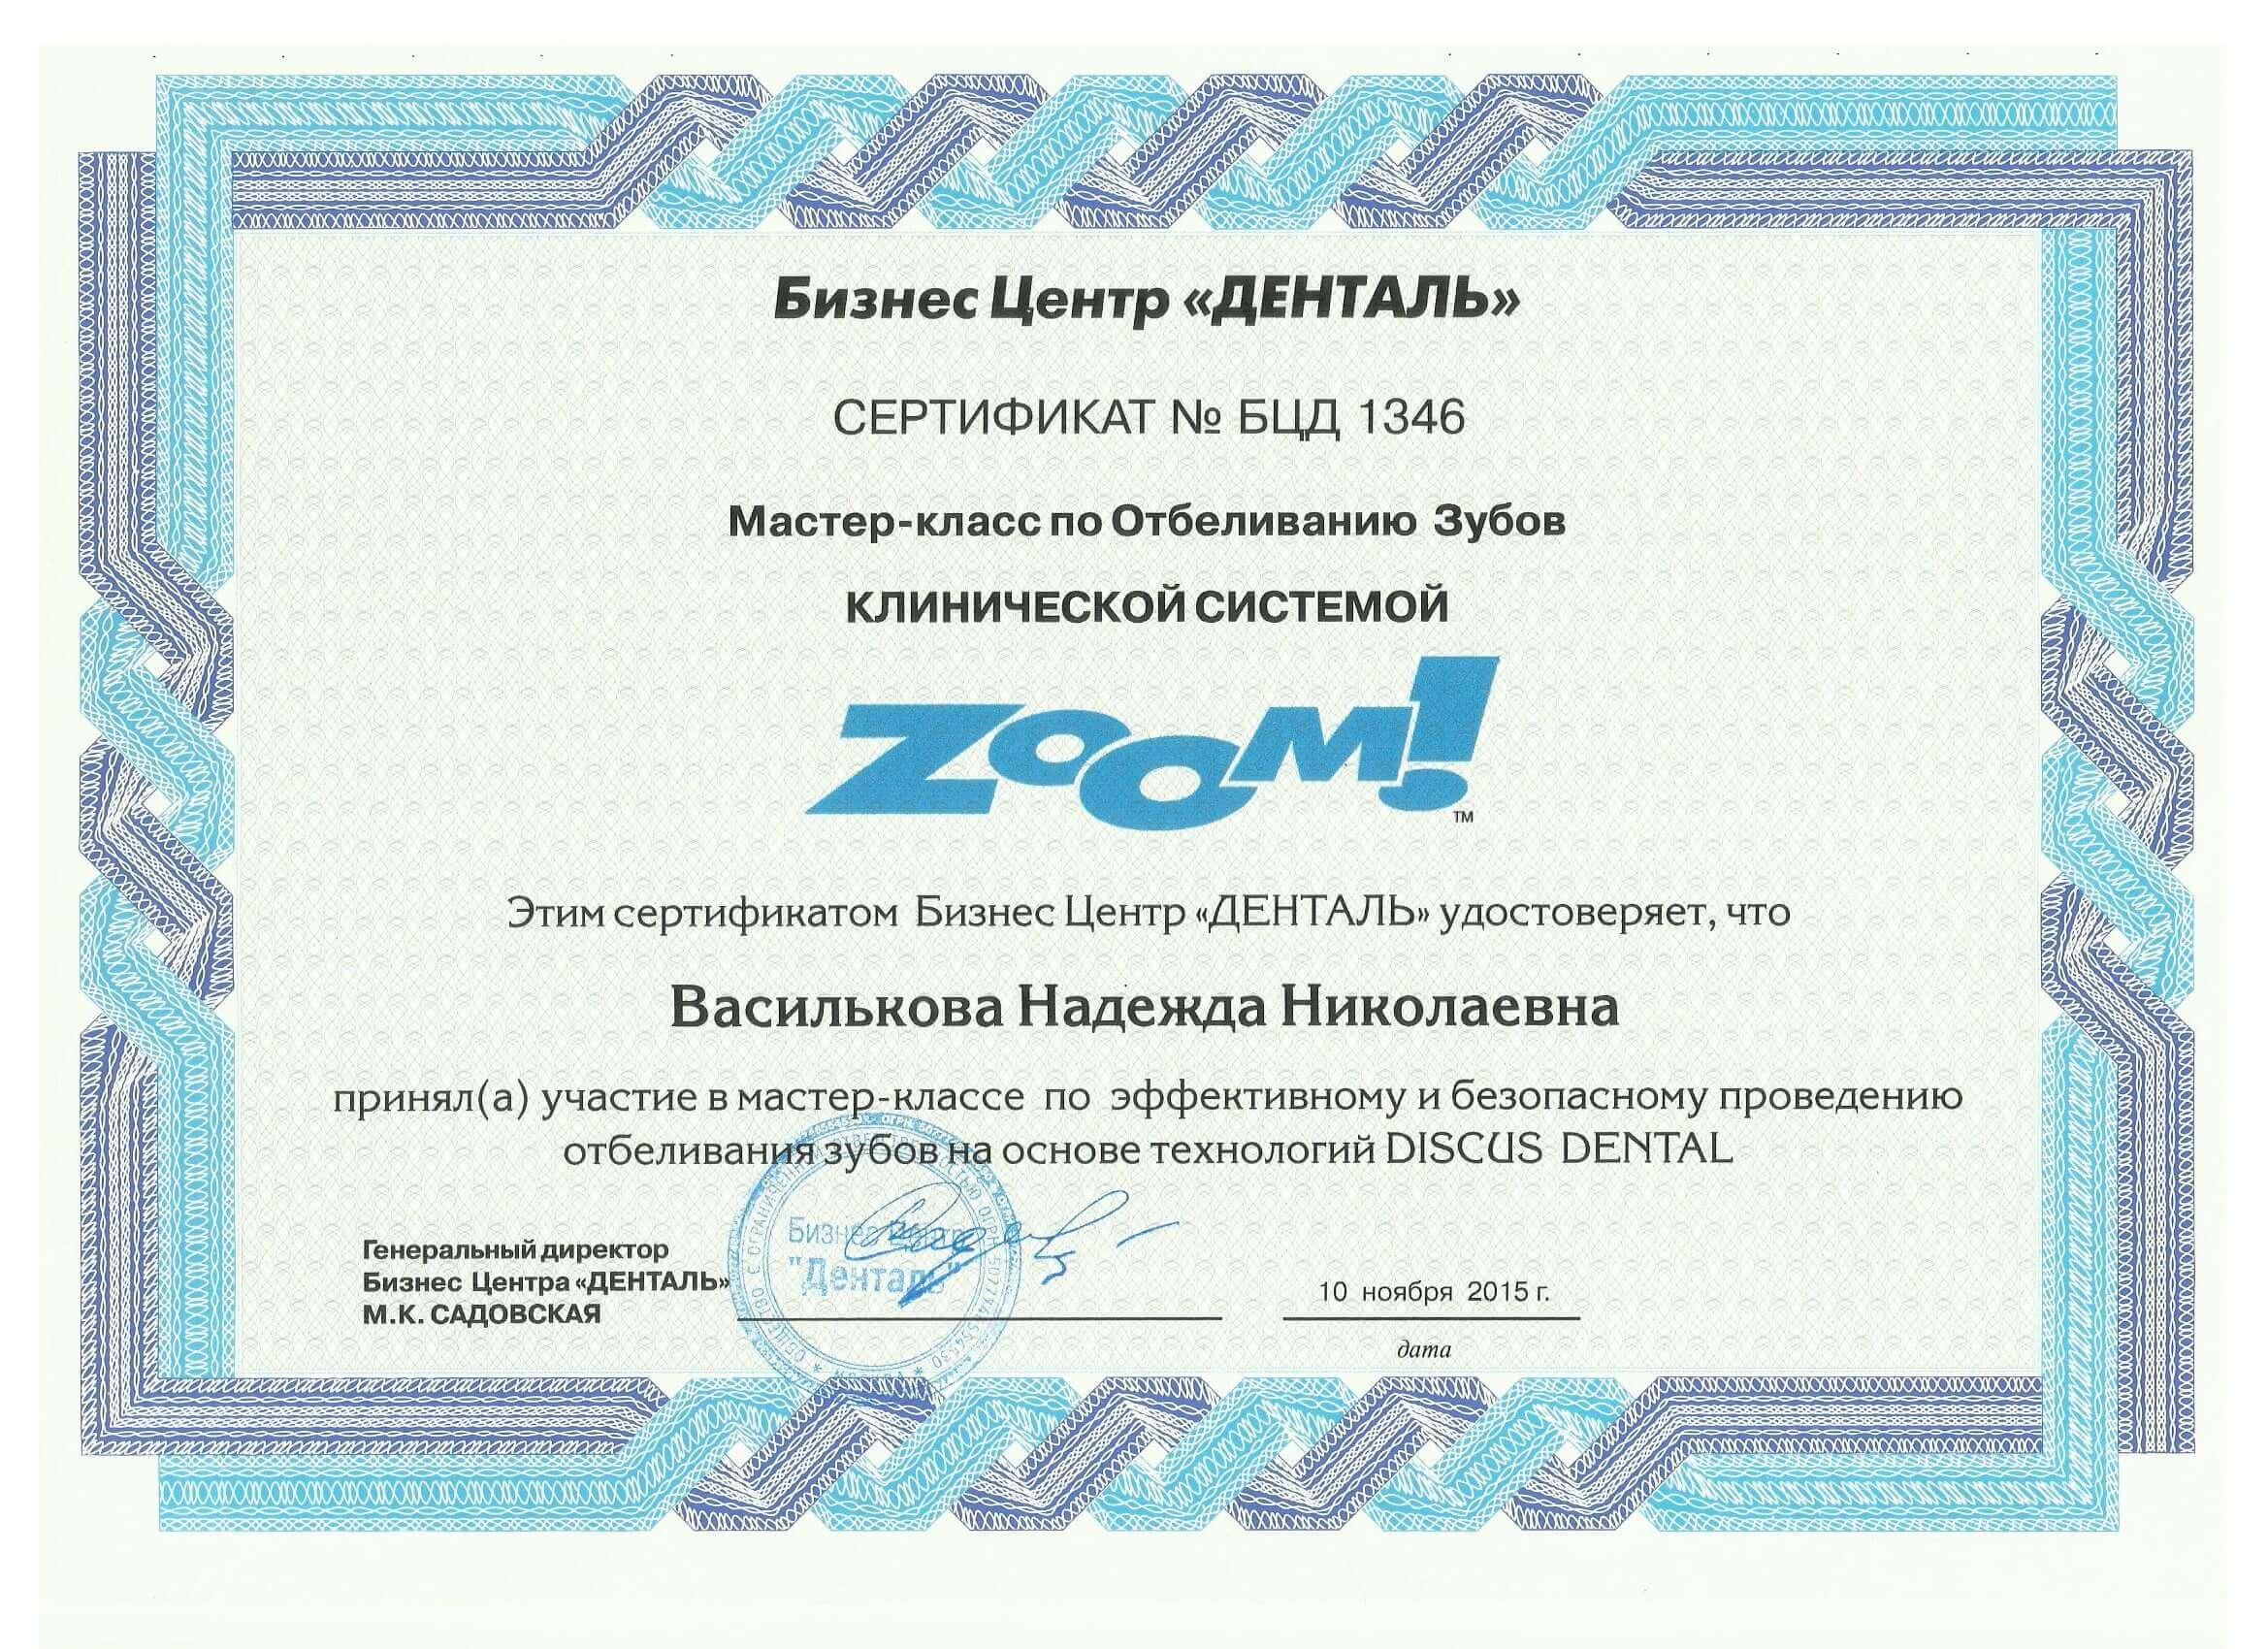 Сертификат от 10.11.2015